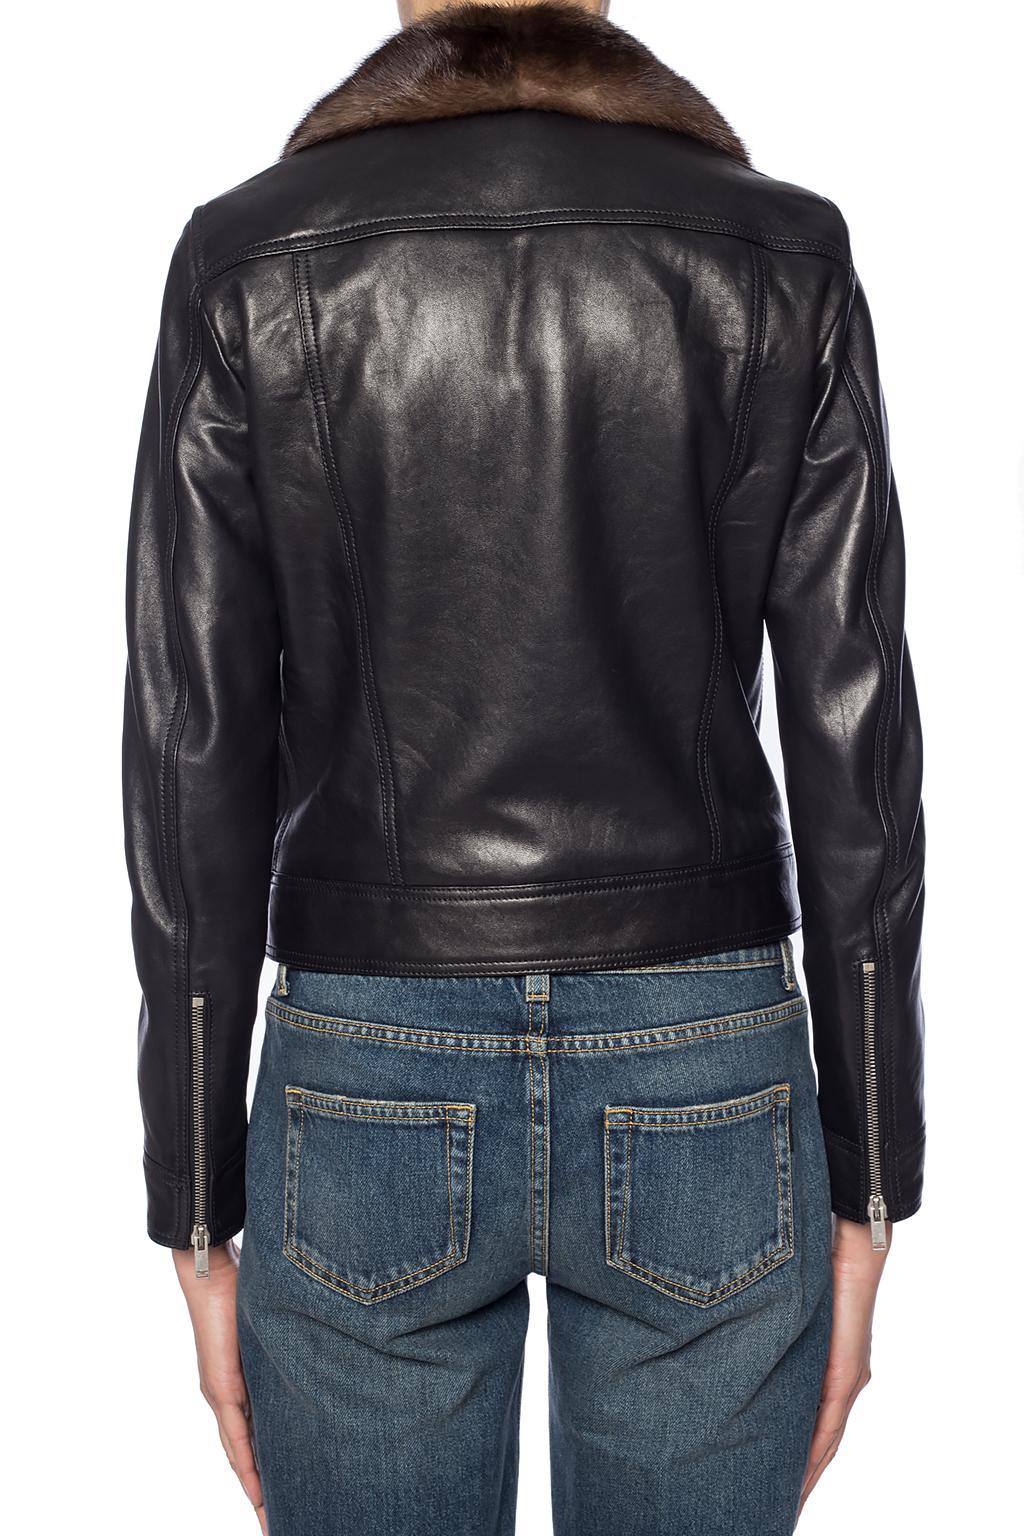 Saint Laurent Fur-trimmed jacket